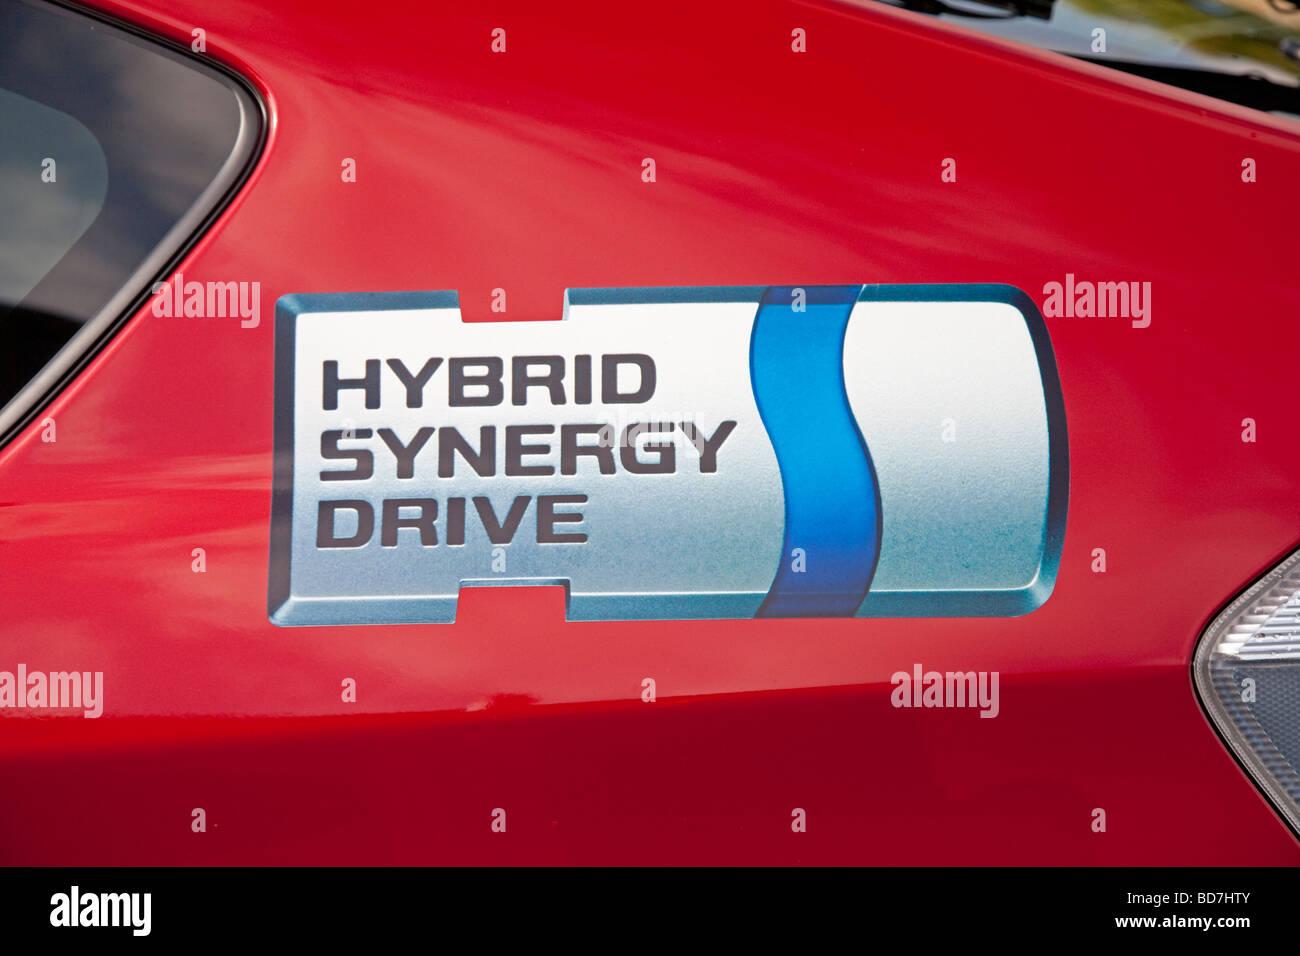 L'Hybrid Synergy logo sulla porta della red Toyota Prius T3 Hybrid auto parcheggiate CHELTENHAM REGNO UNITO Immagini Stock